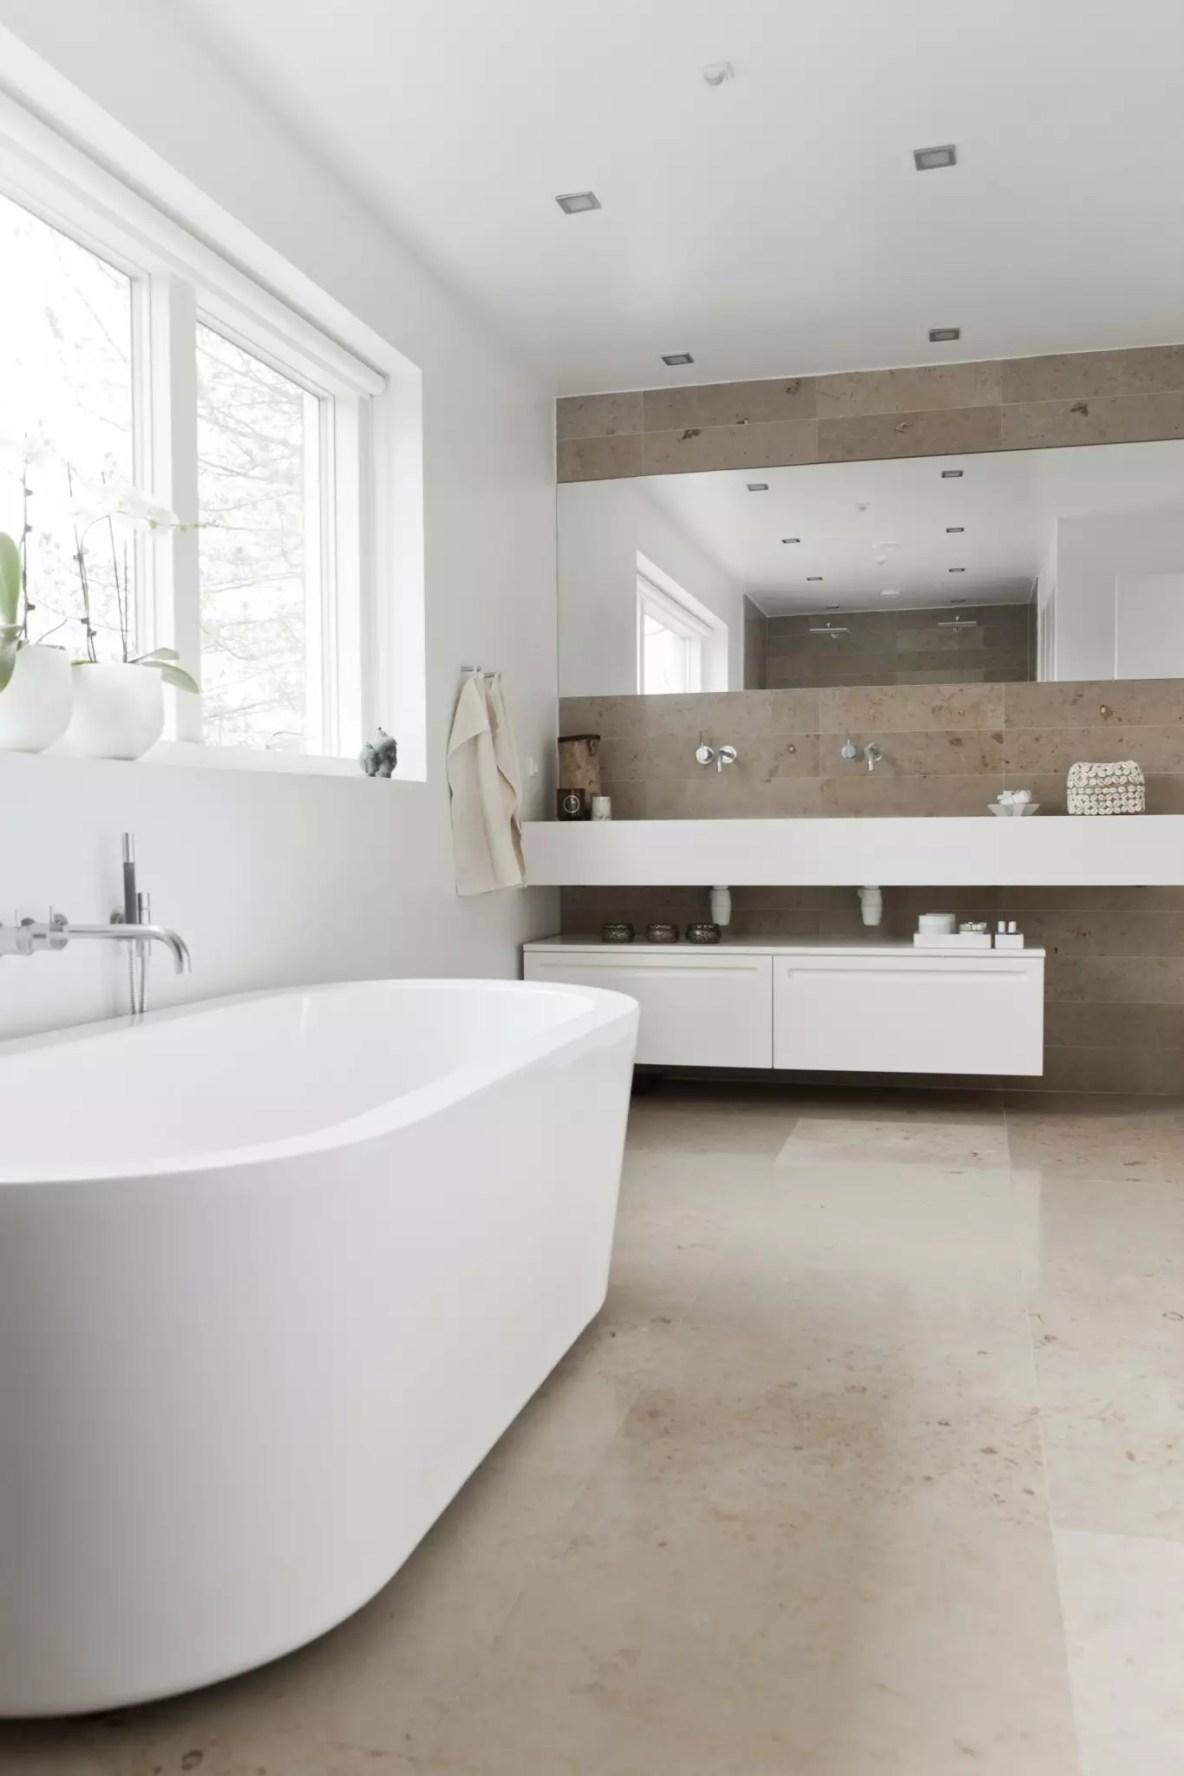 Nyt baderværelse